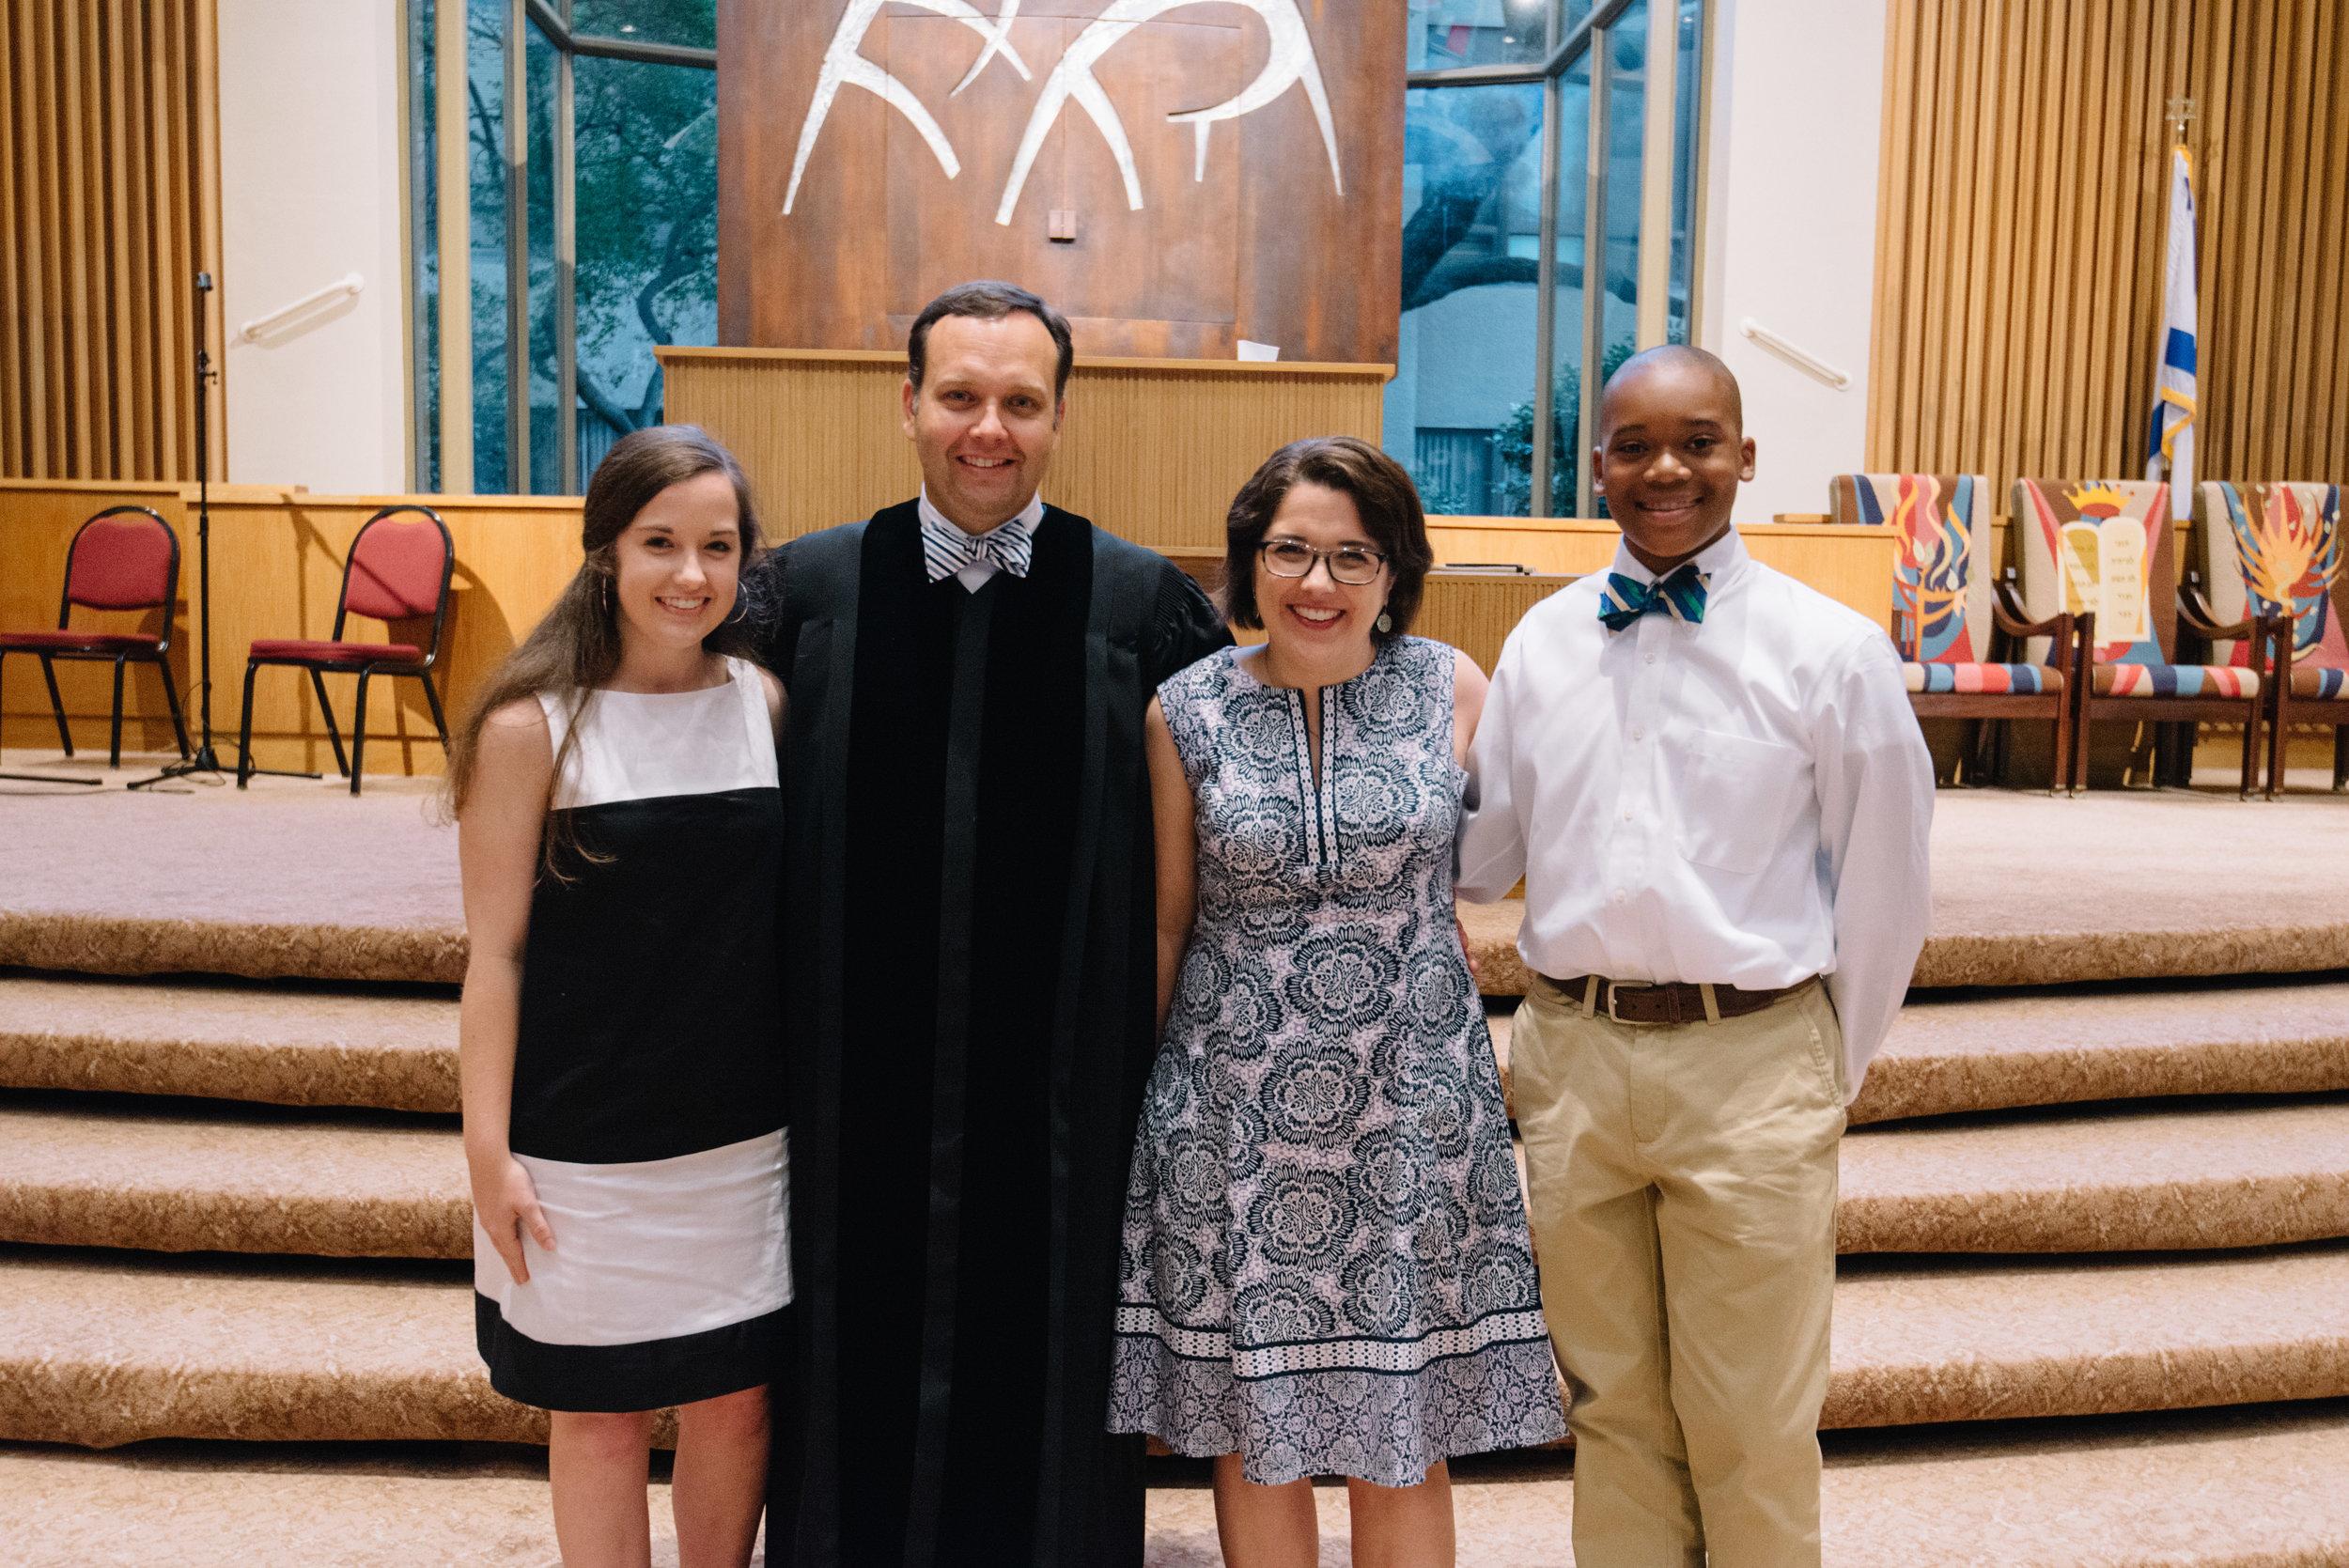 Rev. Rob Hamby , rob@mercydallas.com